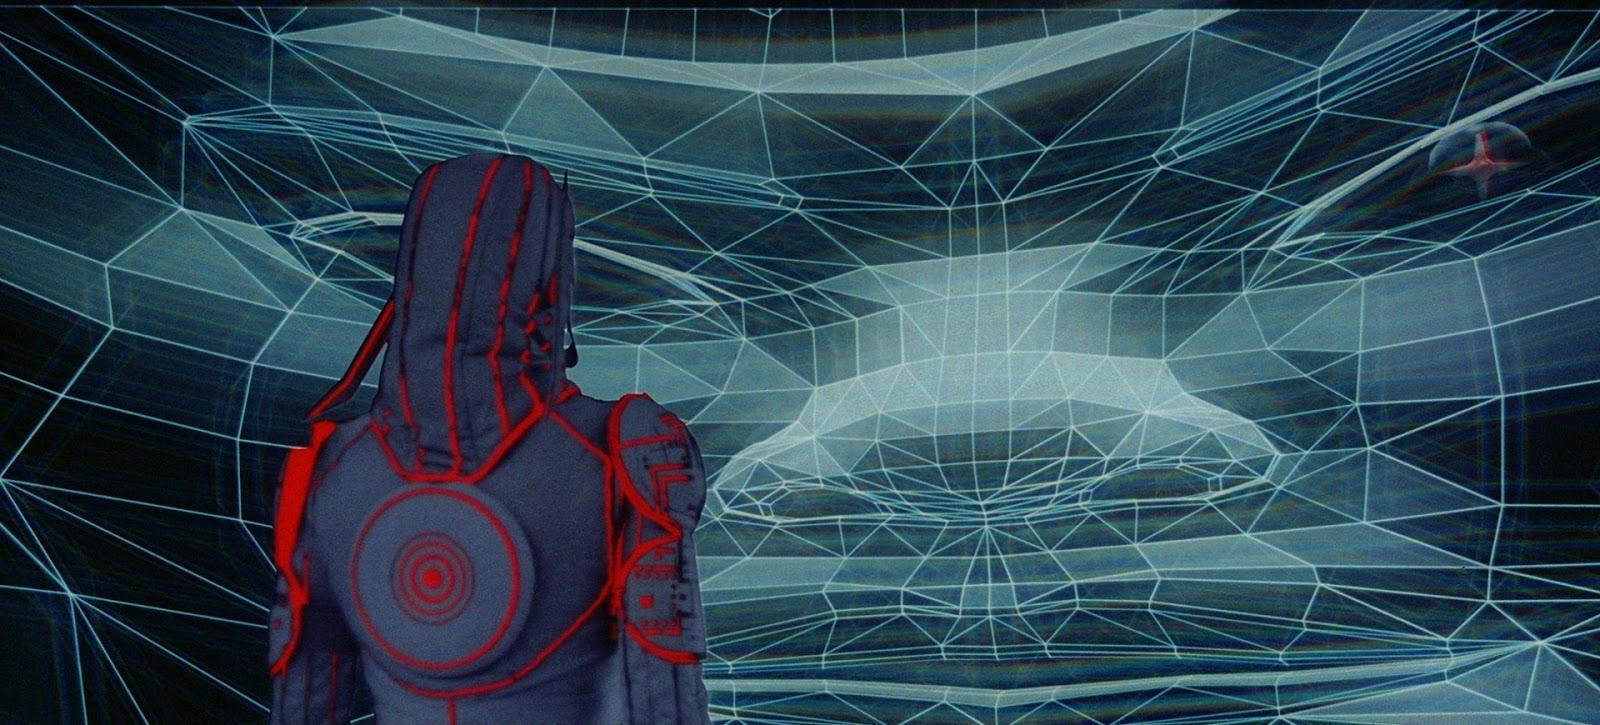 alien explorations prometheus gutalins homage to tron